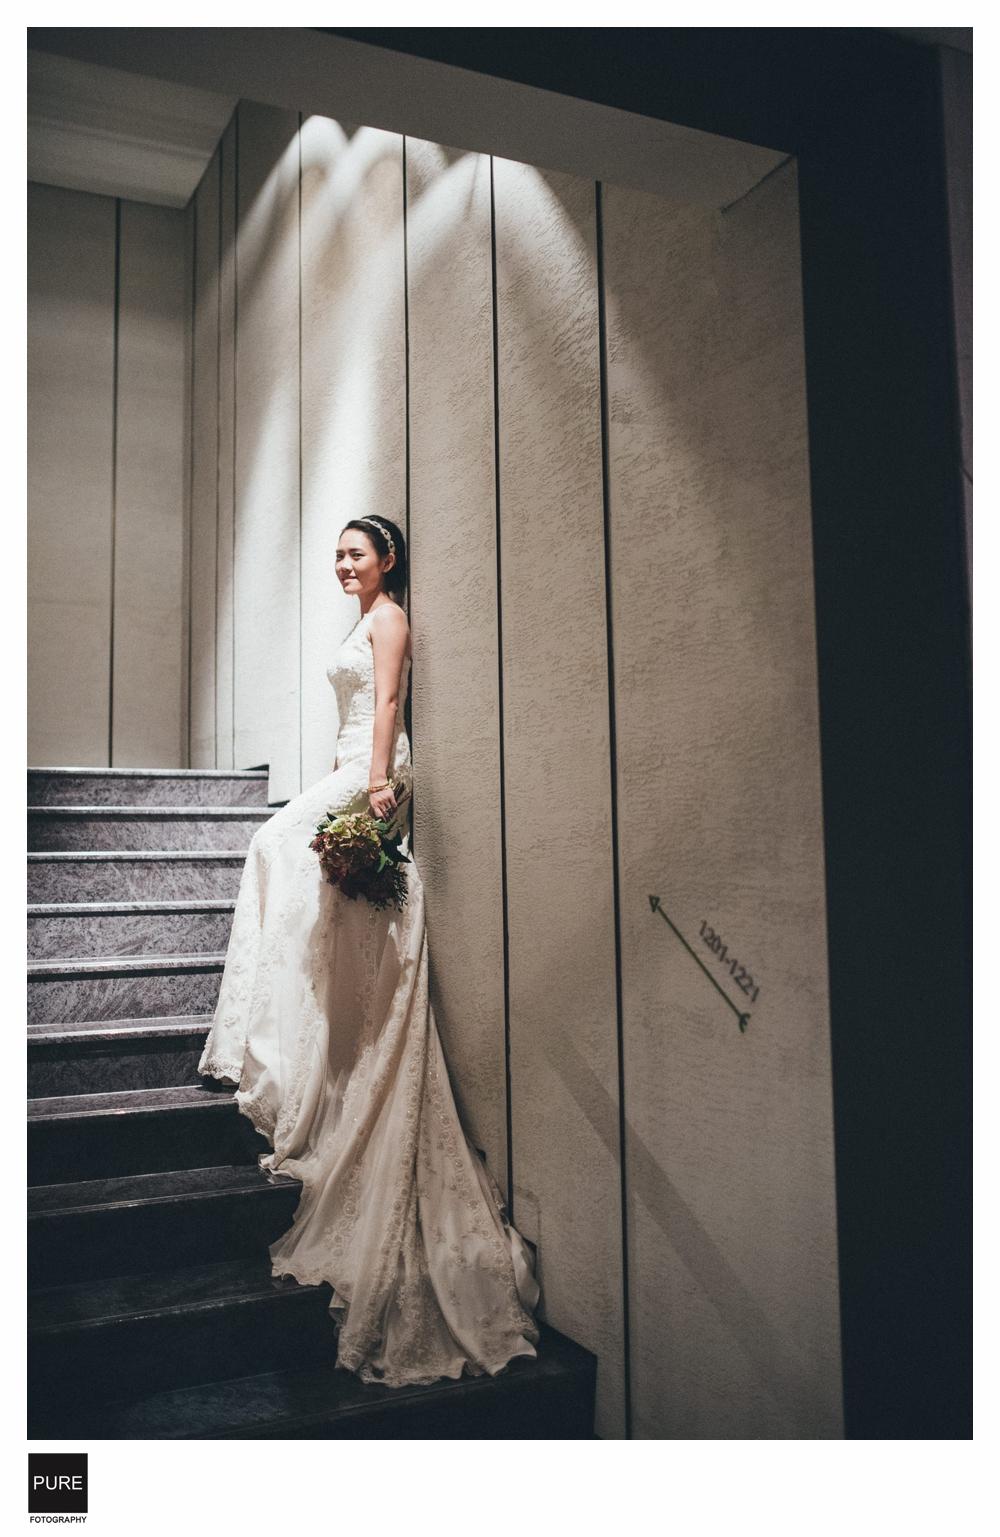 類婚紗拍攝